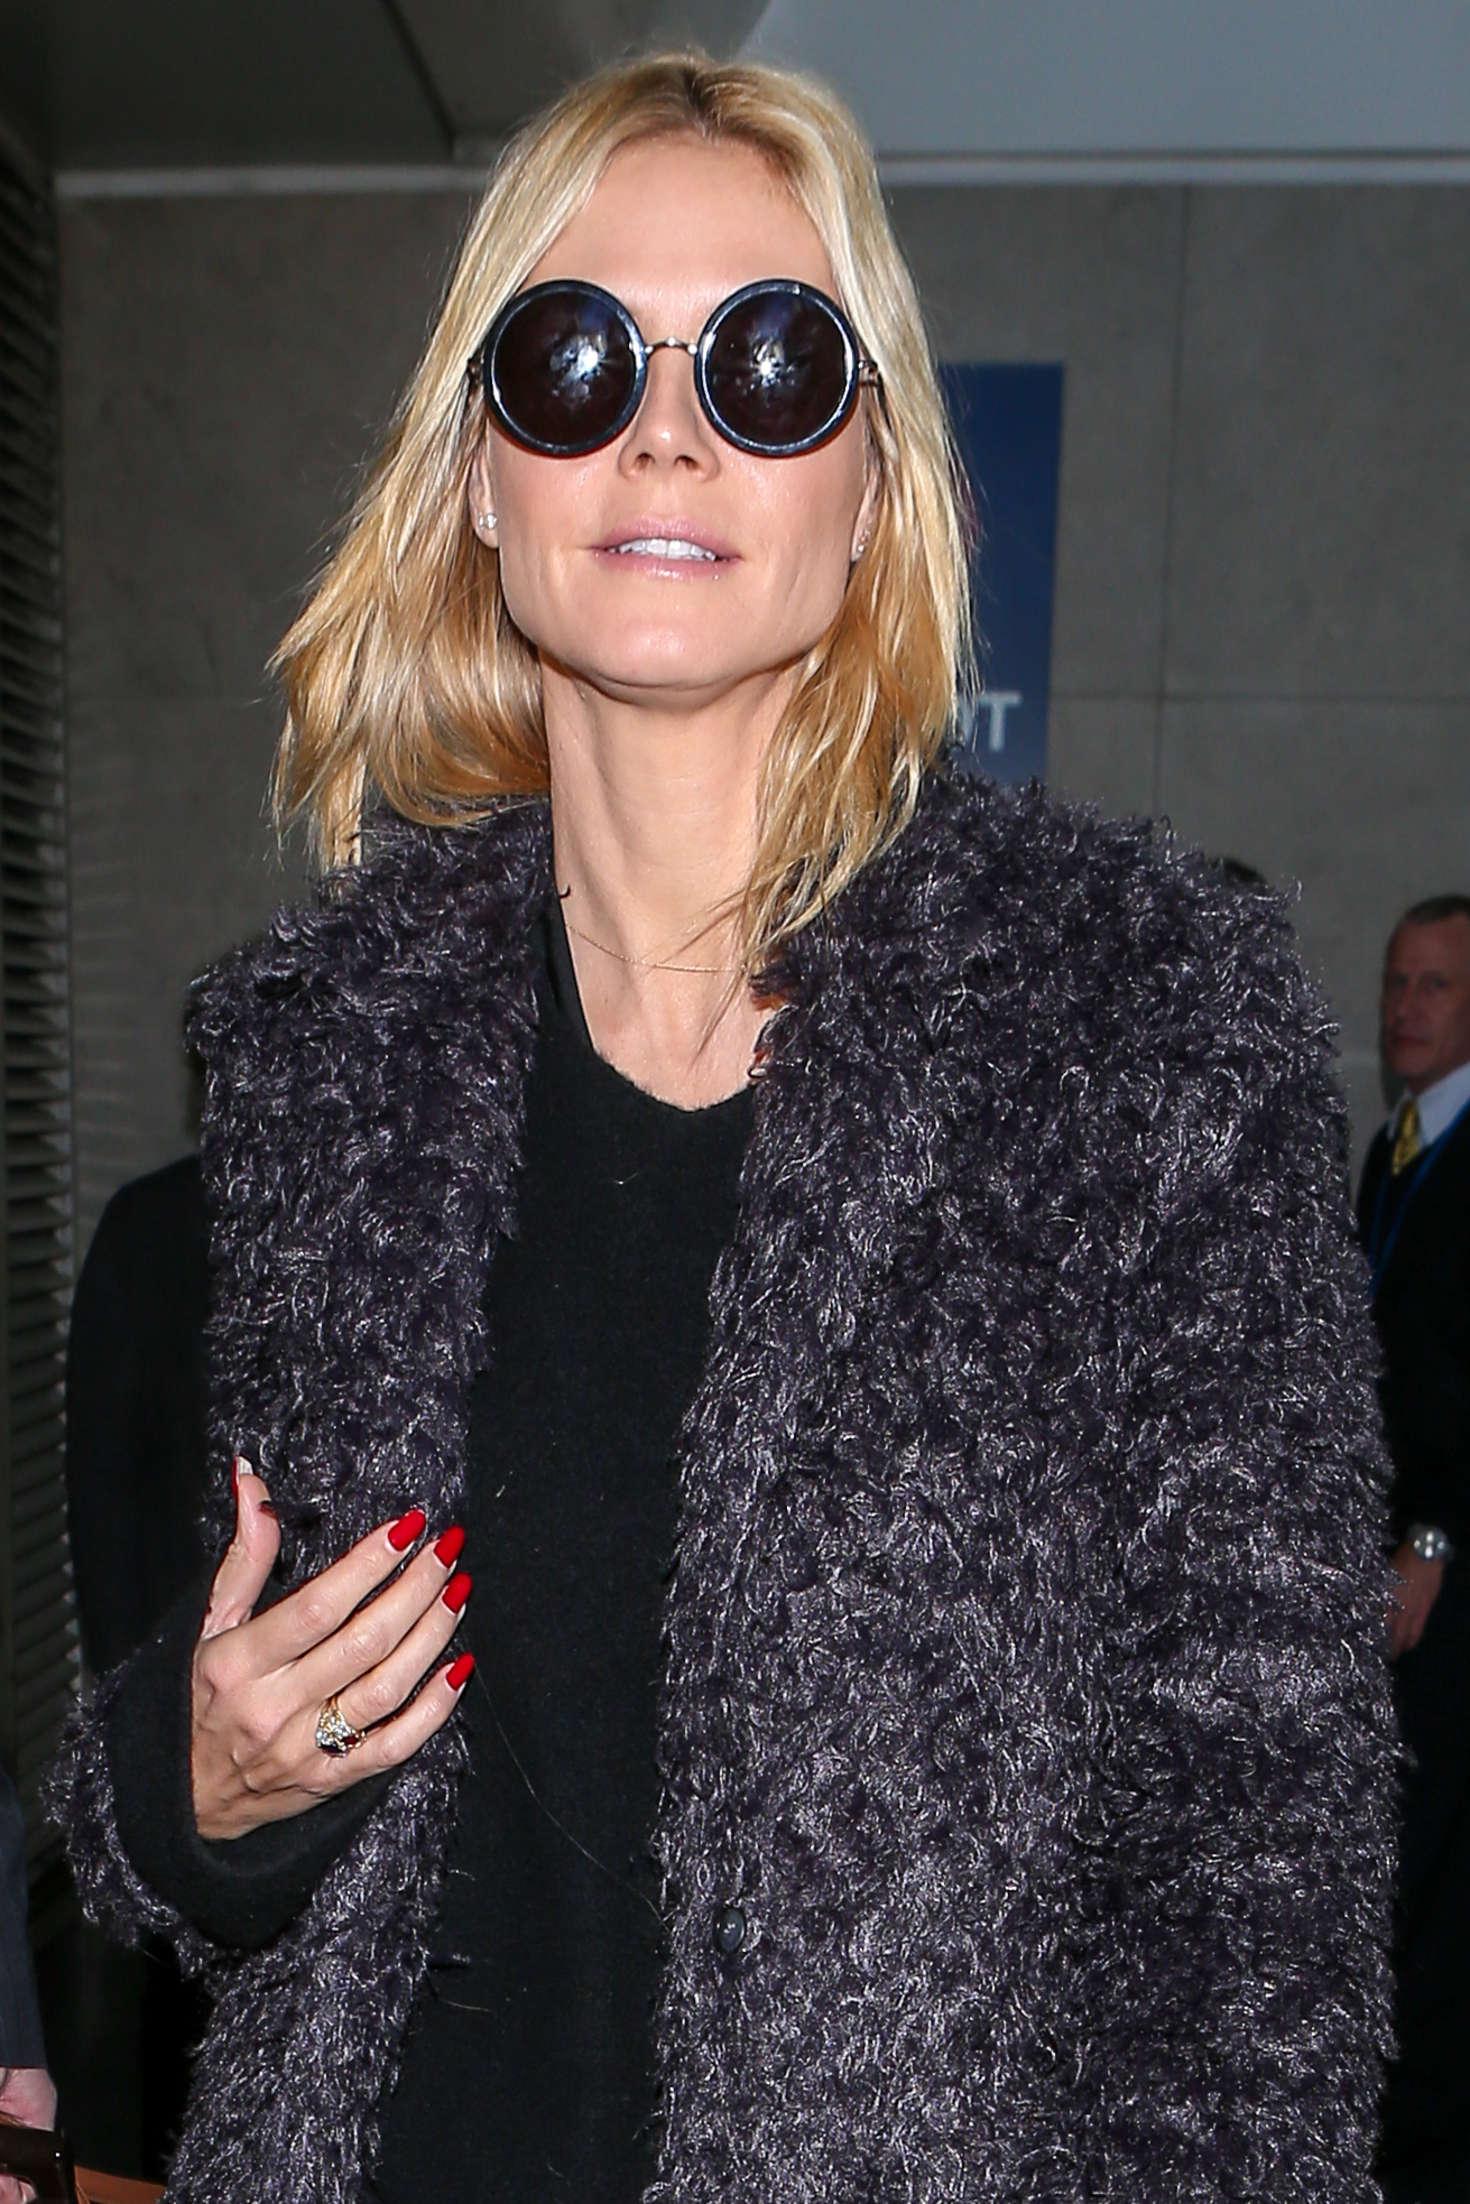 Heidi Klum 2015 : Heidi Klum: Arrives at LAX Airport -10